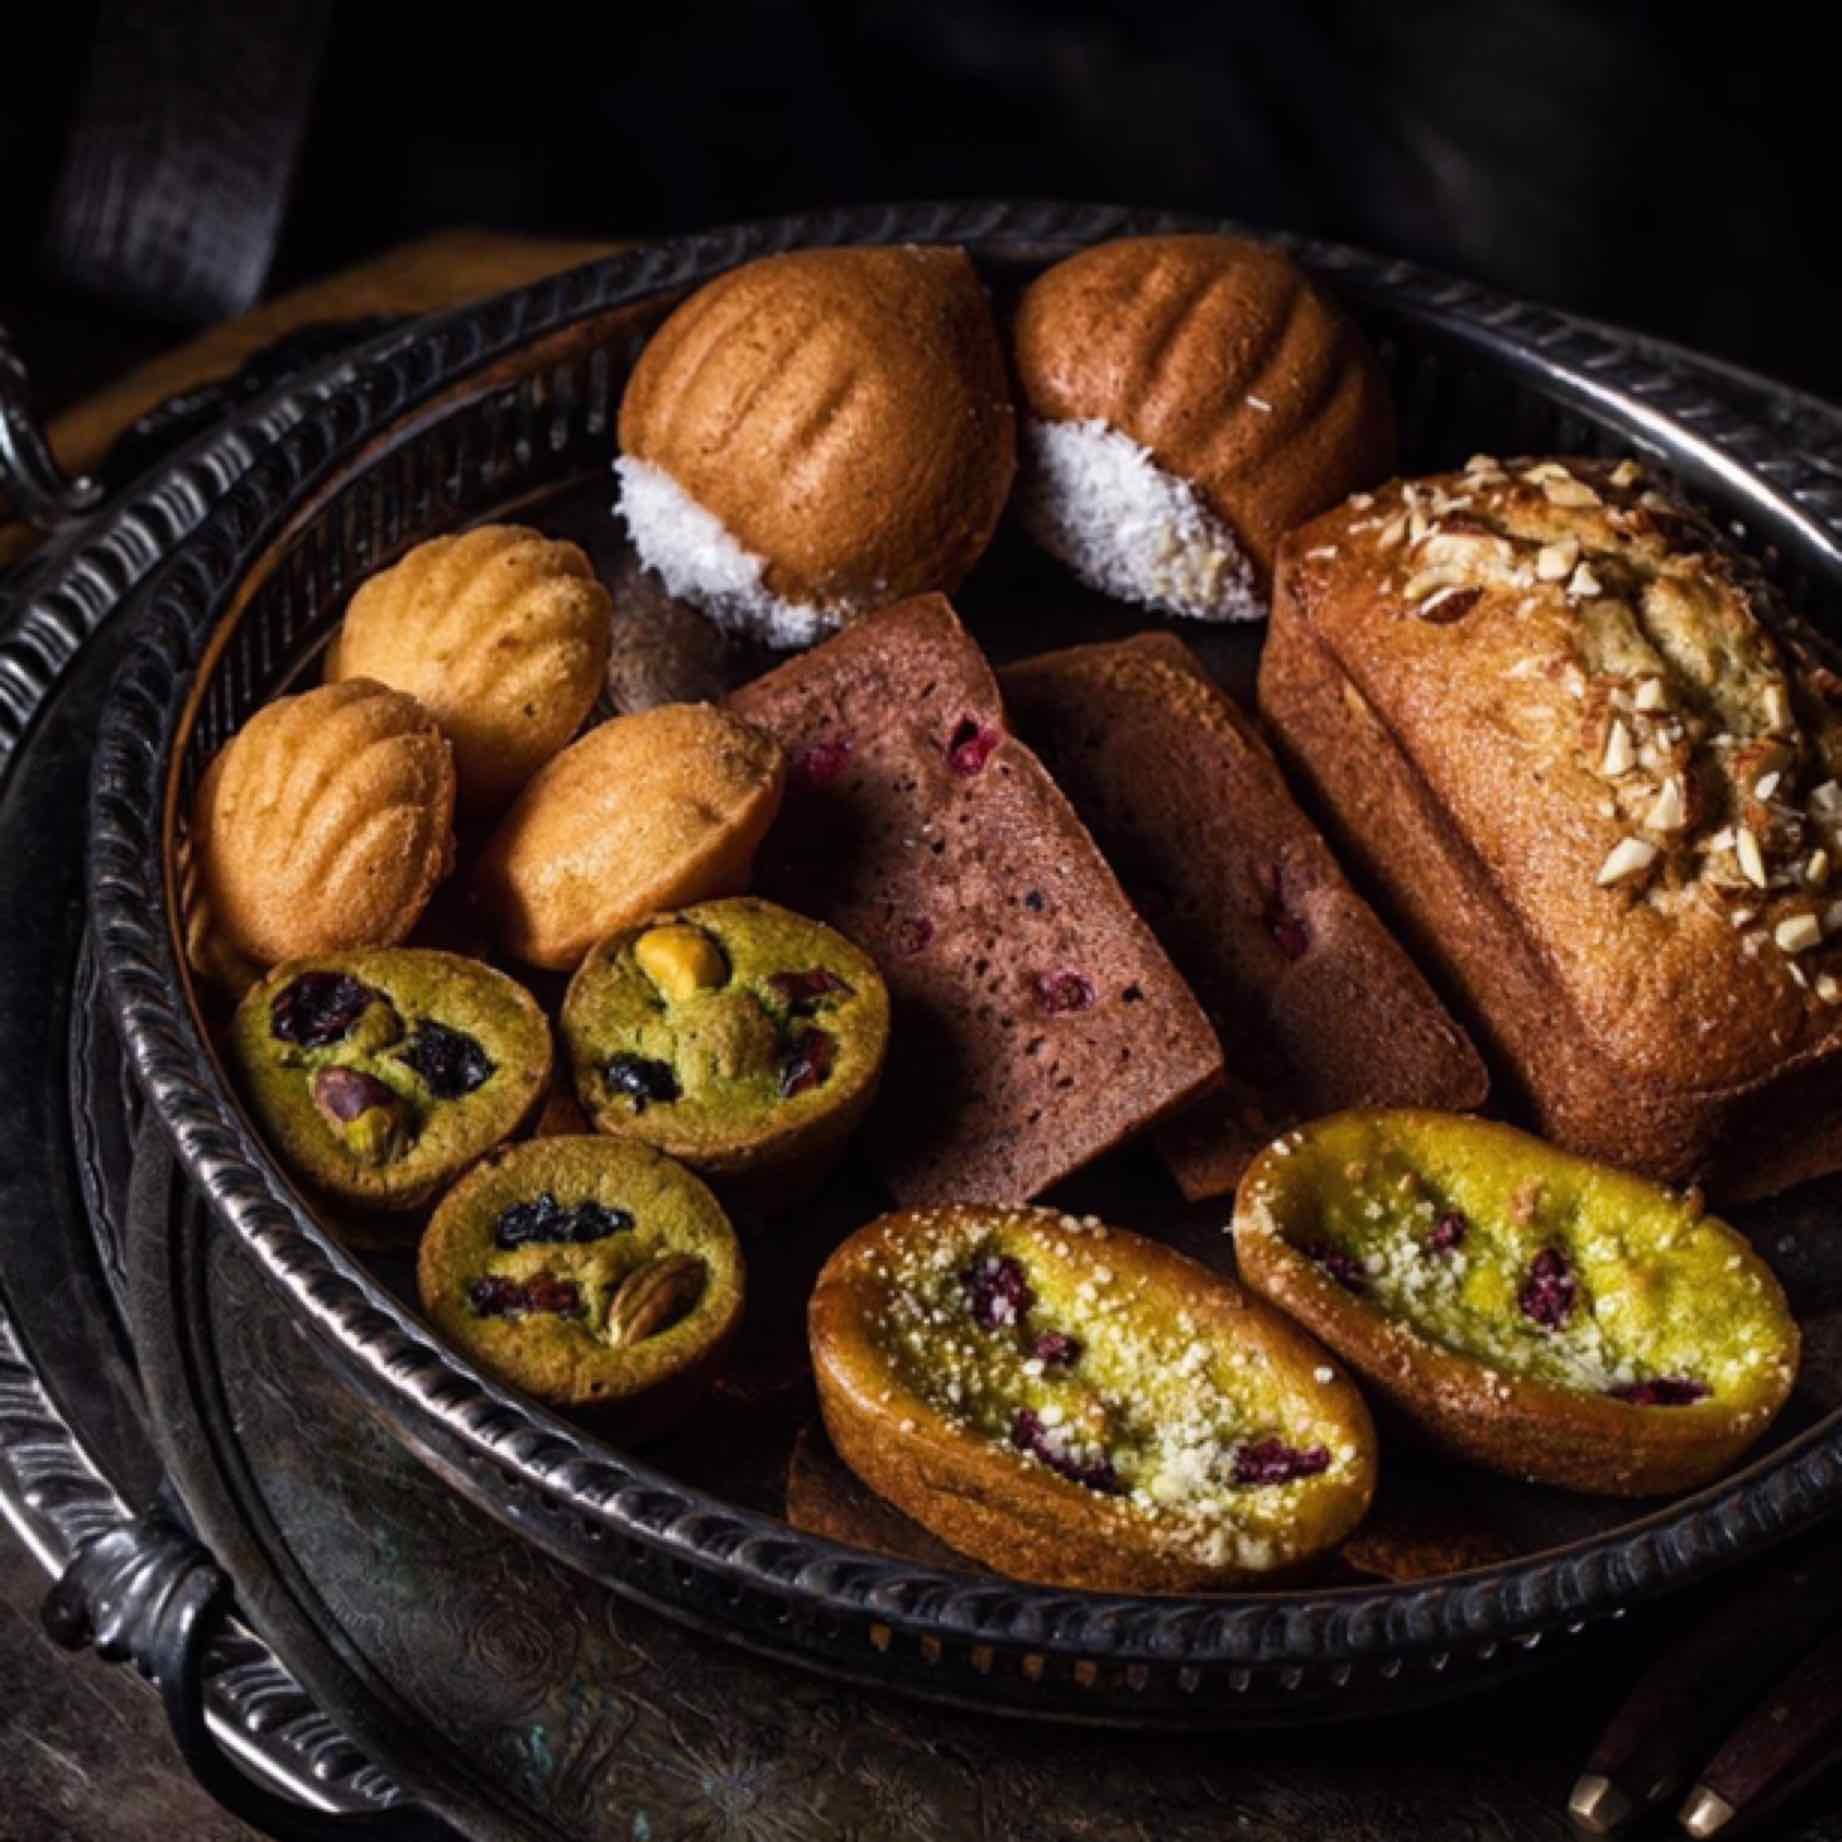 Vagabond Bakery